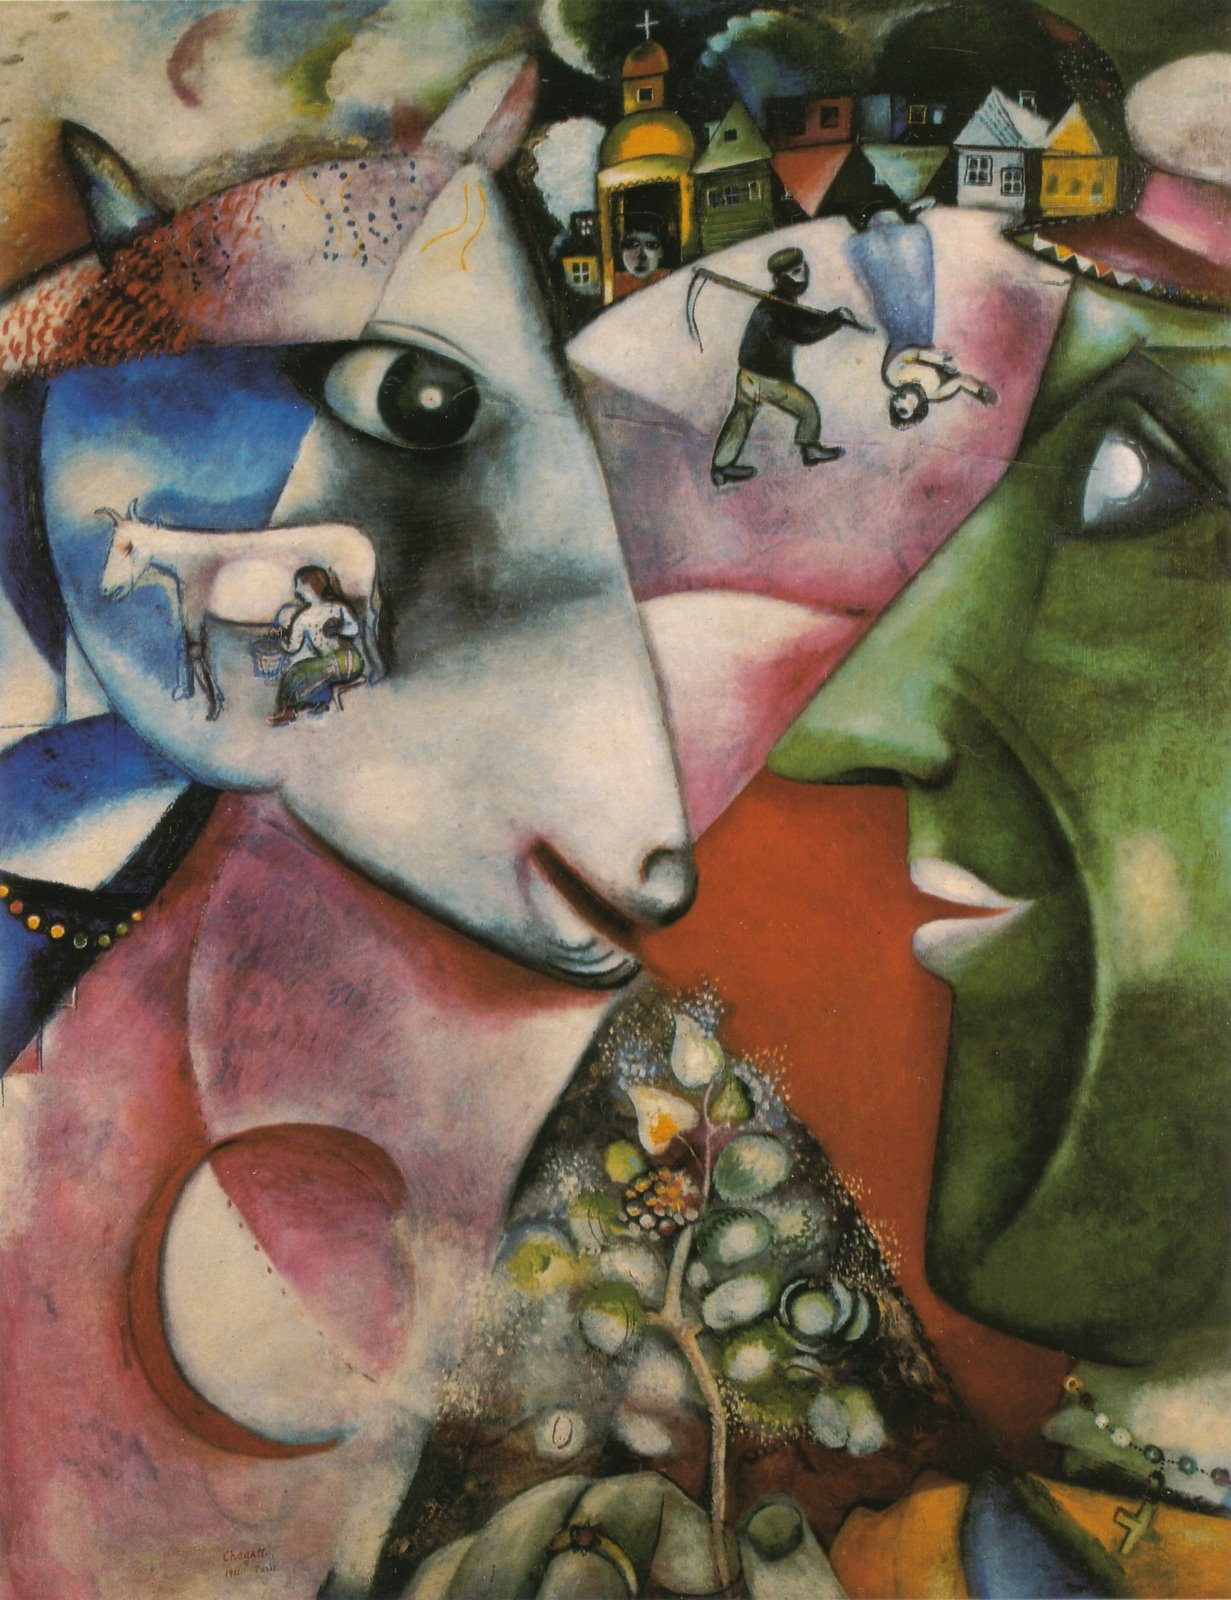 https://www.pitturiamo.eu/wp-content/uploads/Io-e-il-villaggio-Marc-Chagall.jpg